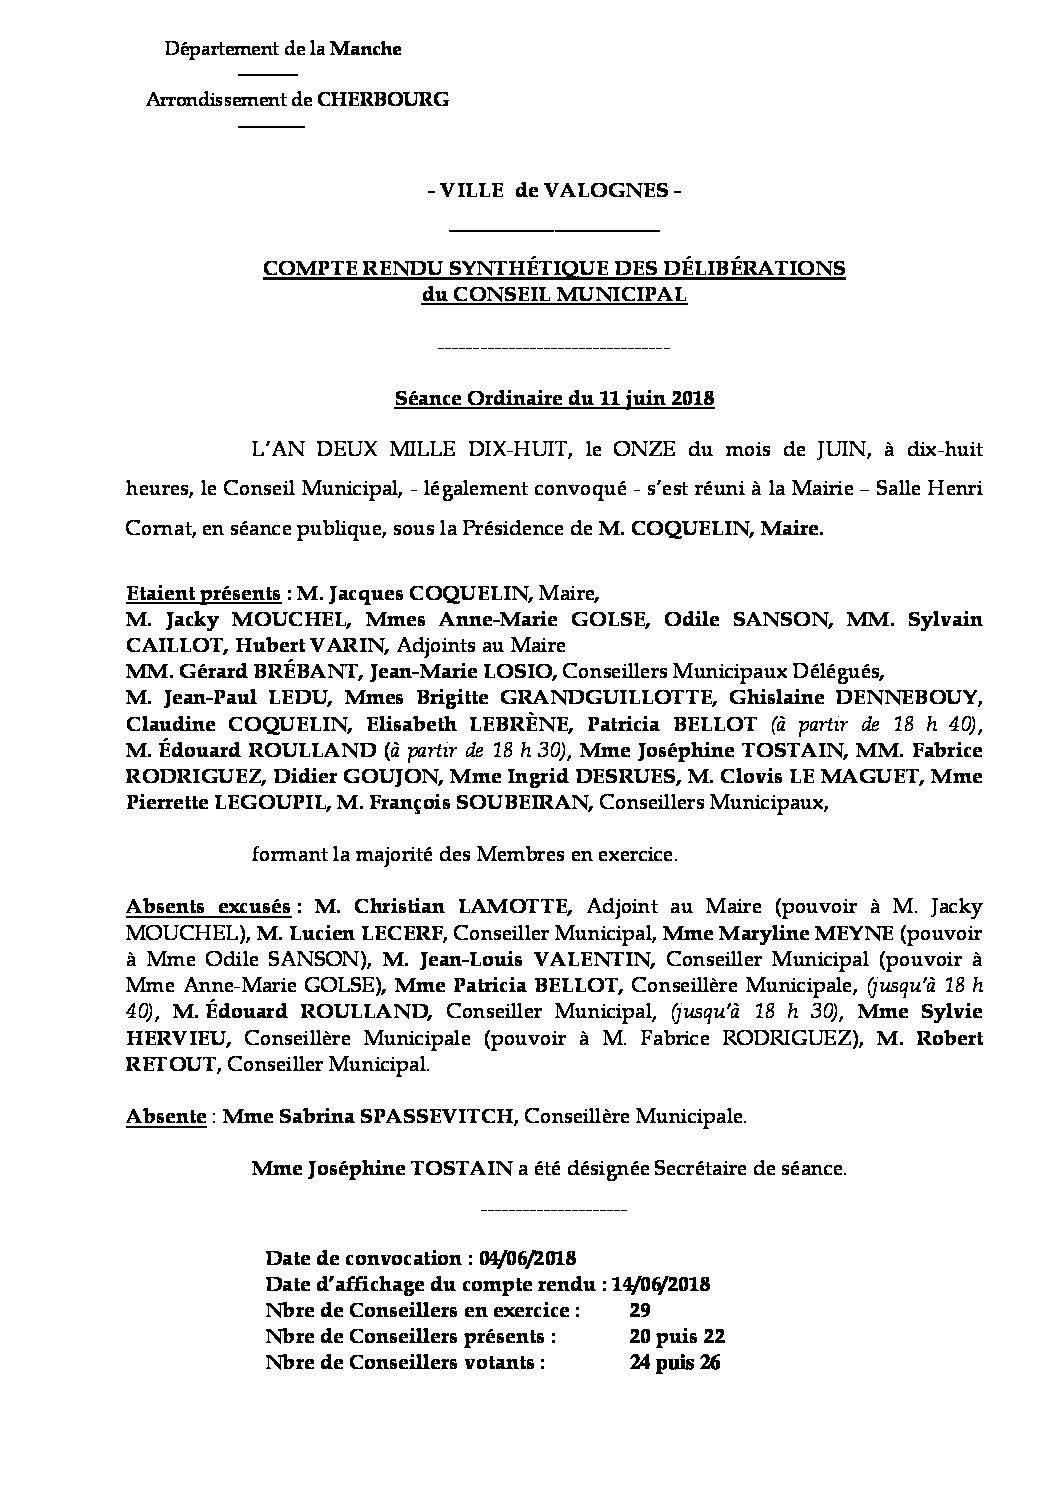 compte rendu réunion du CM - Compte rendu synthétique des questions soumises à délibération lors de la séance du Conseil Municipal du 11 juin 2018.